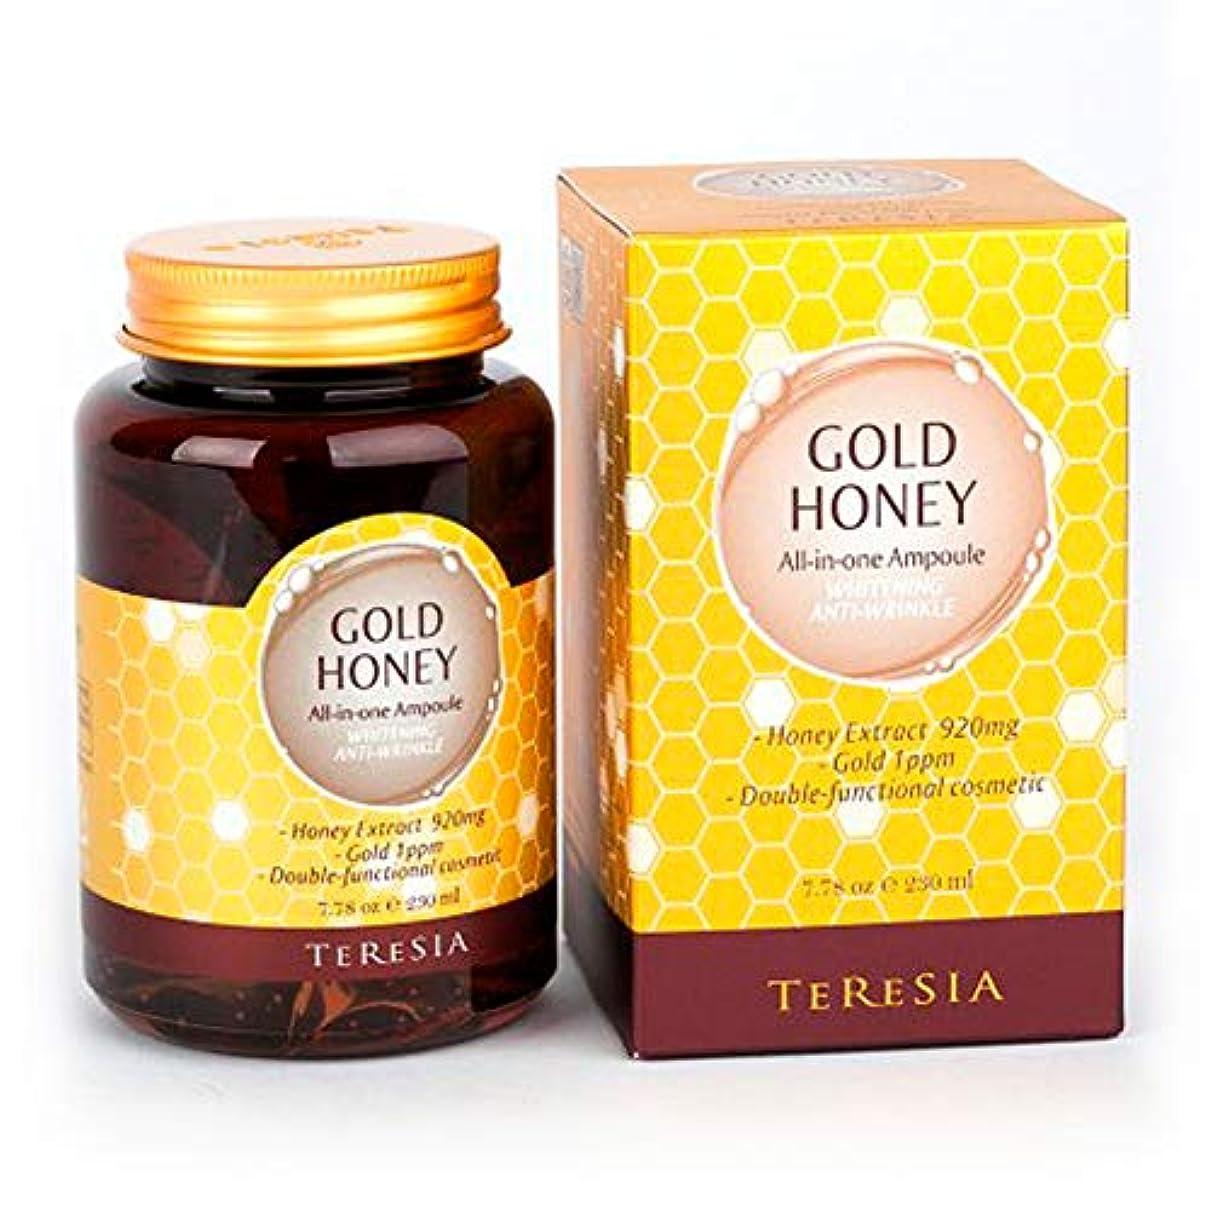 スタイル憂慮すべきはず[(テルシア)TERESIA] テルシア·ゴールドハニー大容量 230ml オールインワン·アンプル シワ,美白二重機能性化粧品